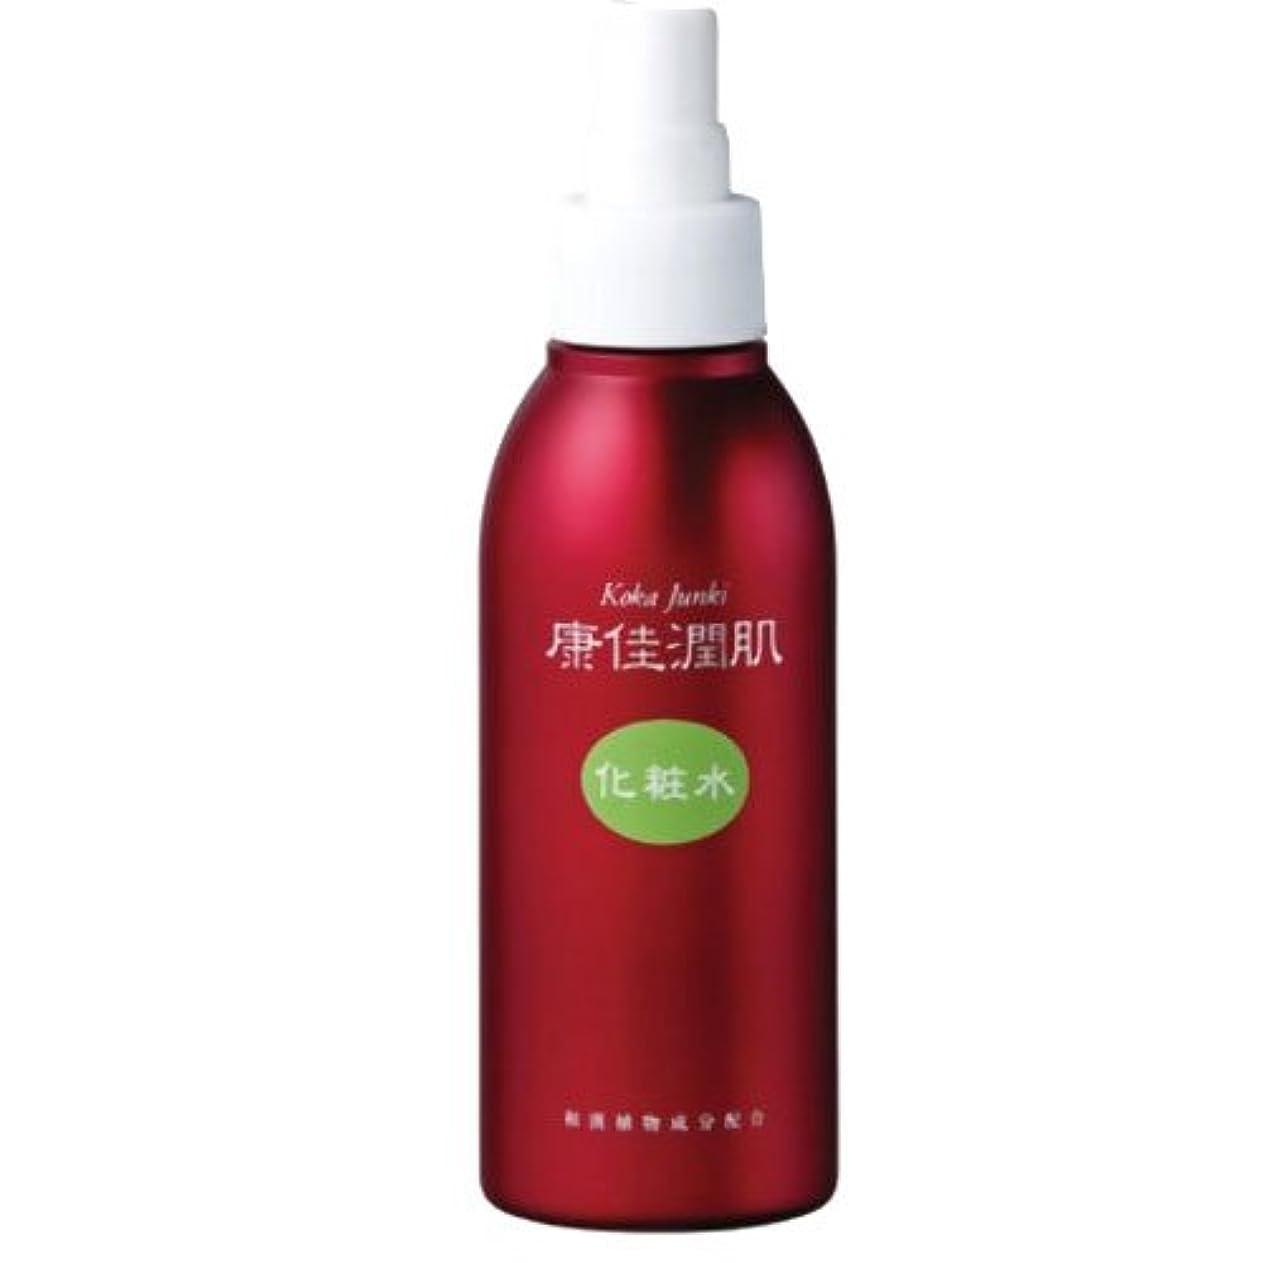 区メタン下品康佳潤肌化粧水